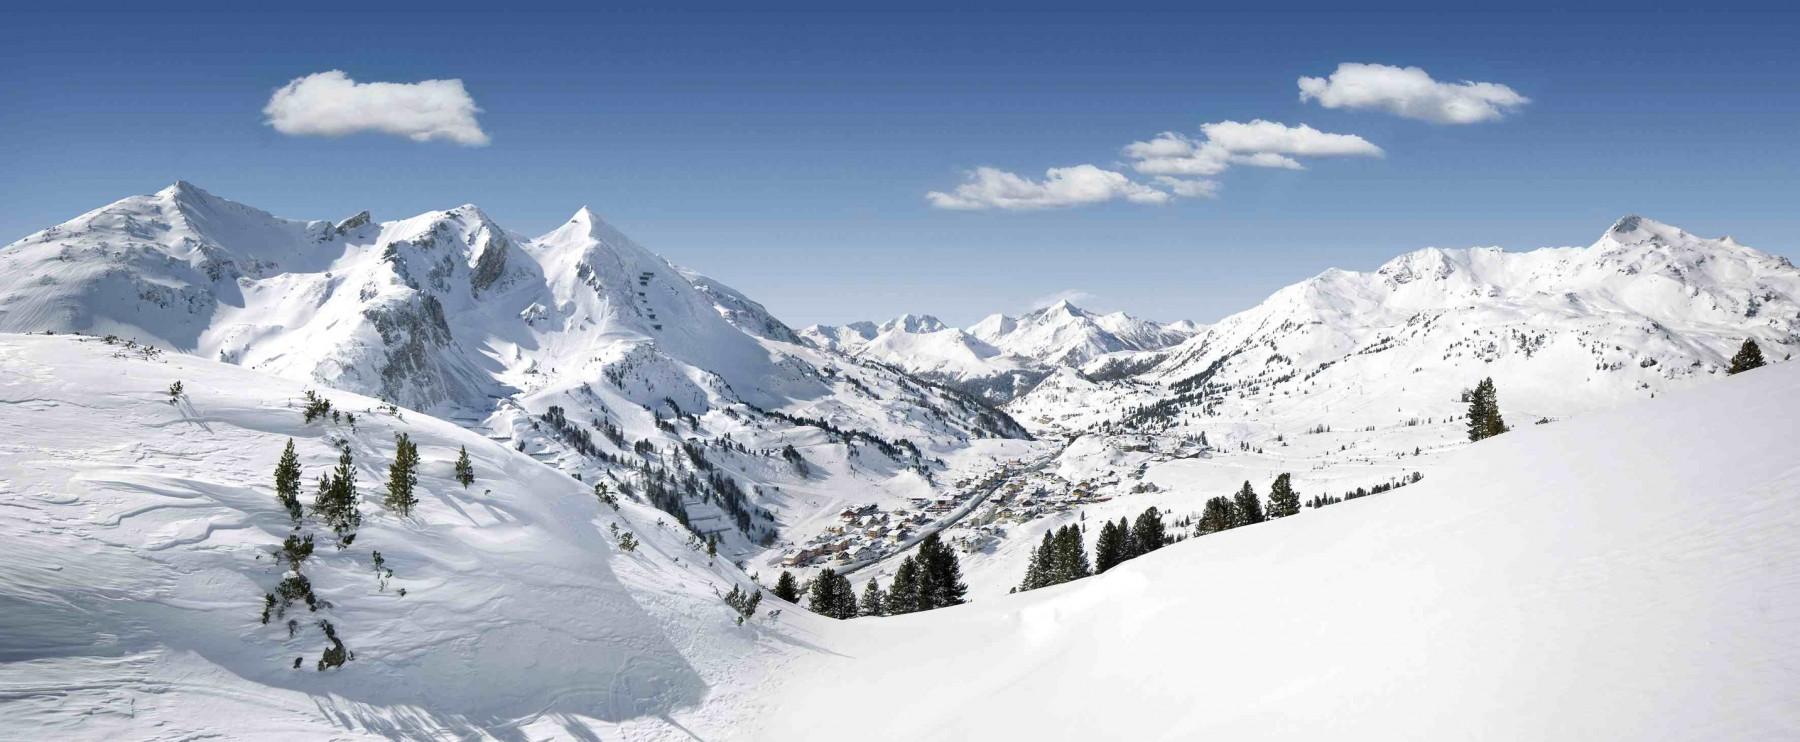 Das ist die berühmte Schneeschüssel Obertauern, heimliche Heimat des Freeridens.